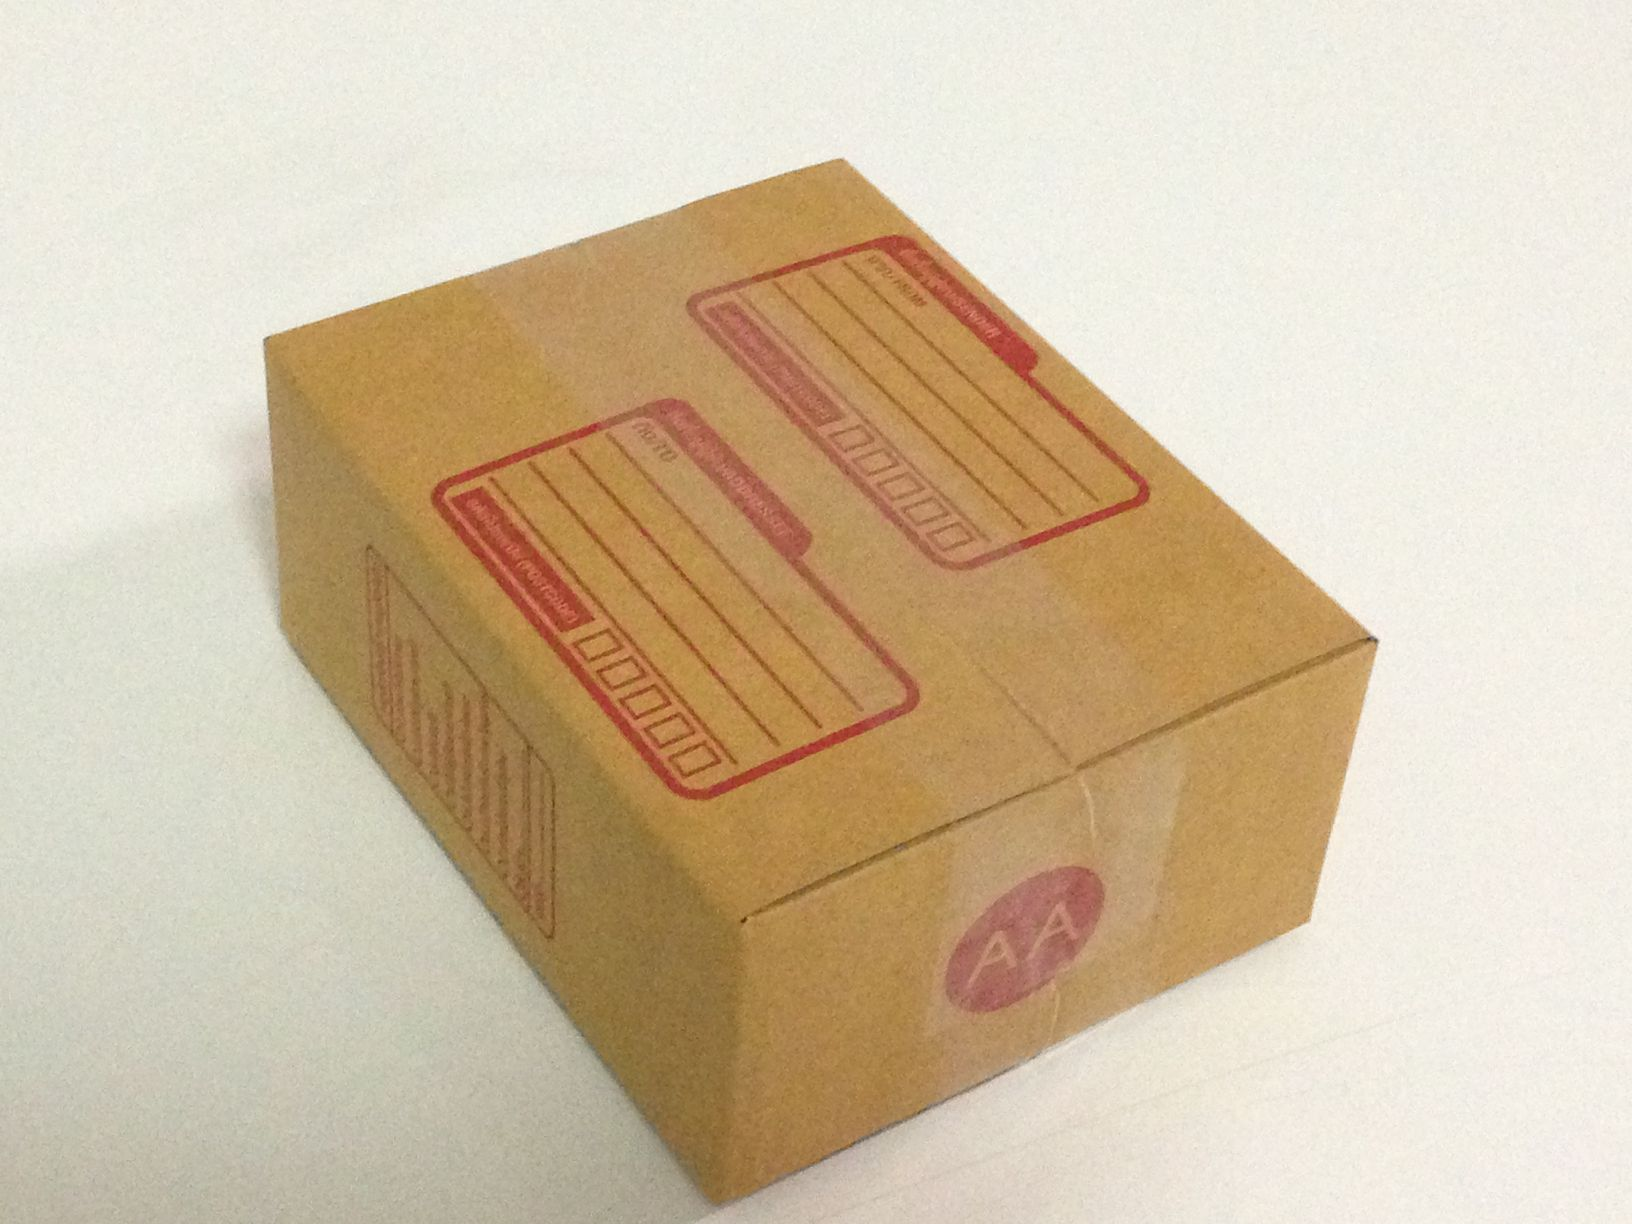 กล่องไปรษณีย์ฝาชน เบอร์ AA ขนาด 13x17x7 เซน